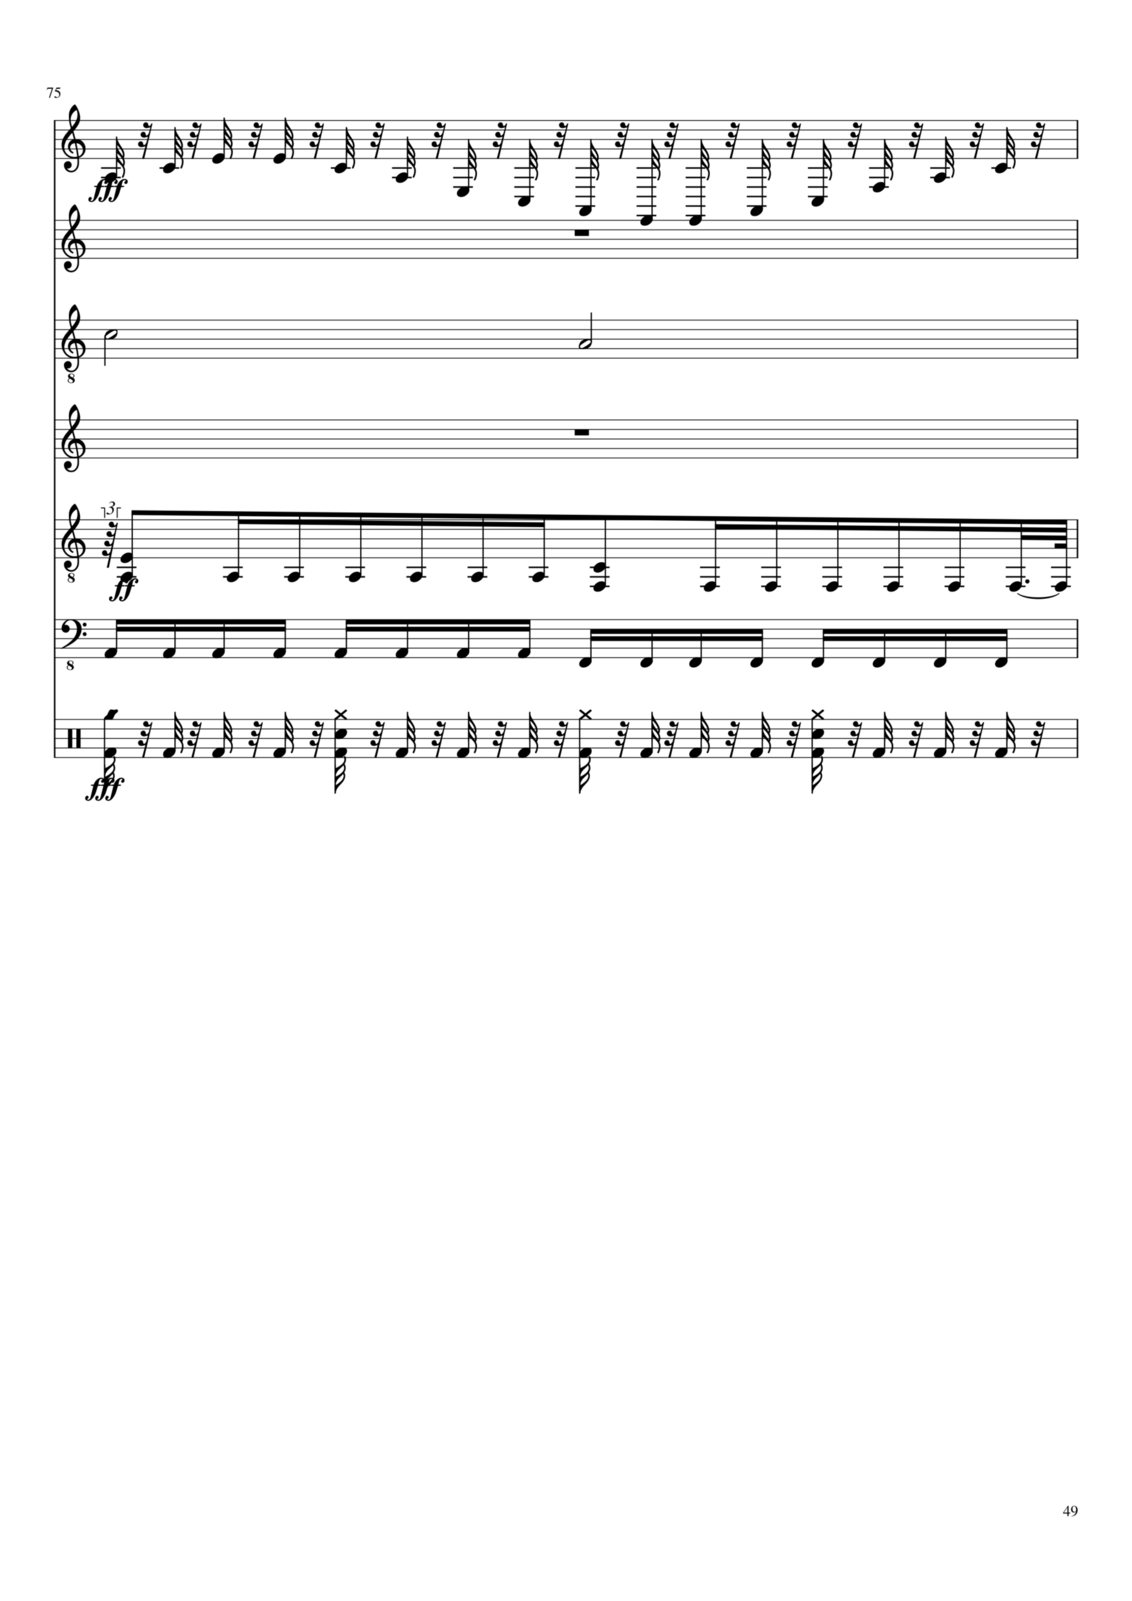 Proschanie s volshebnoy stranoy slide, Image 49